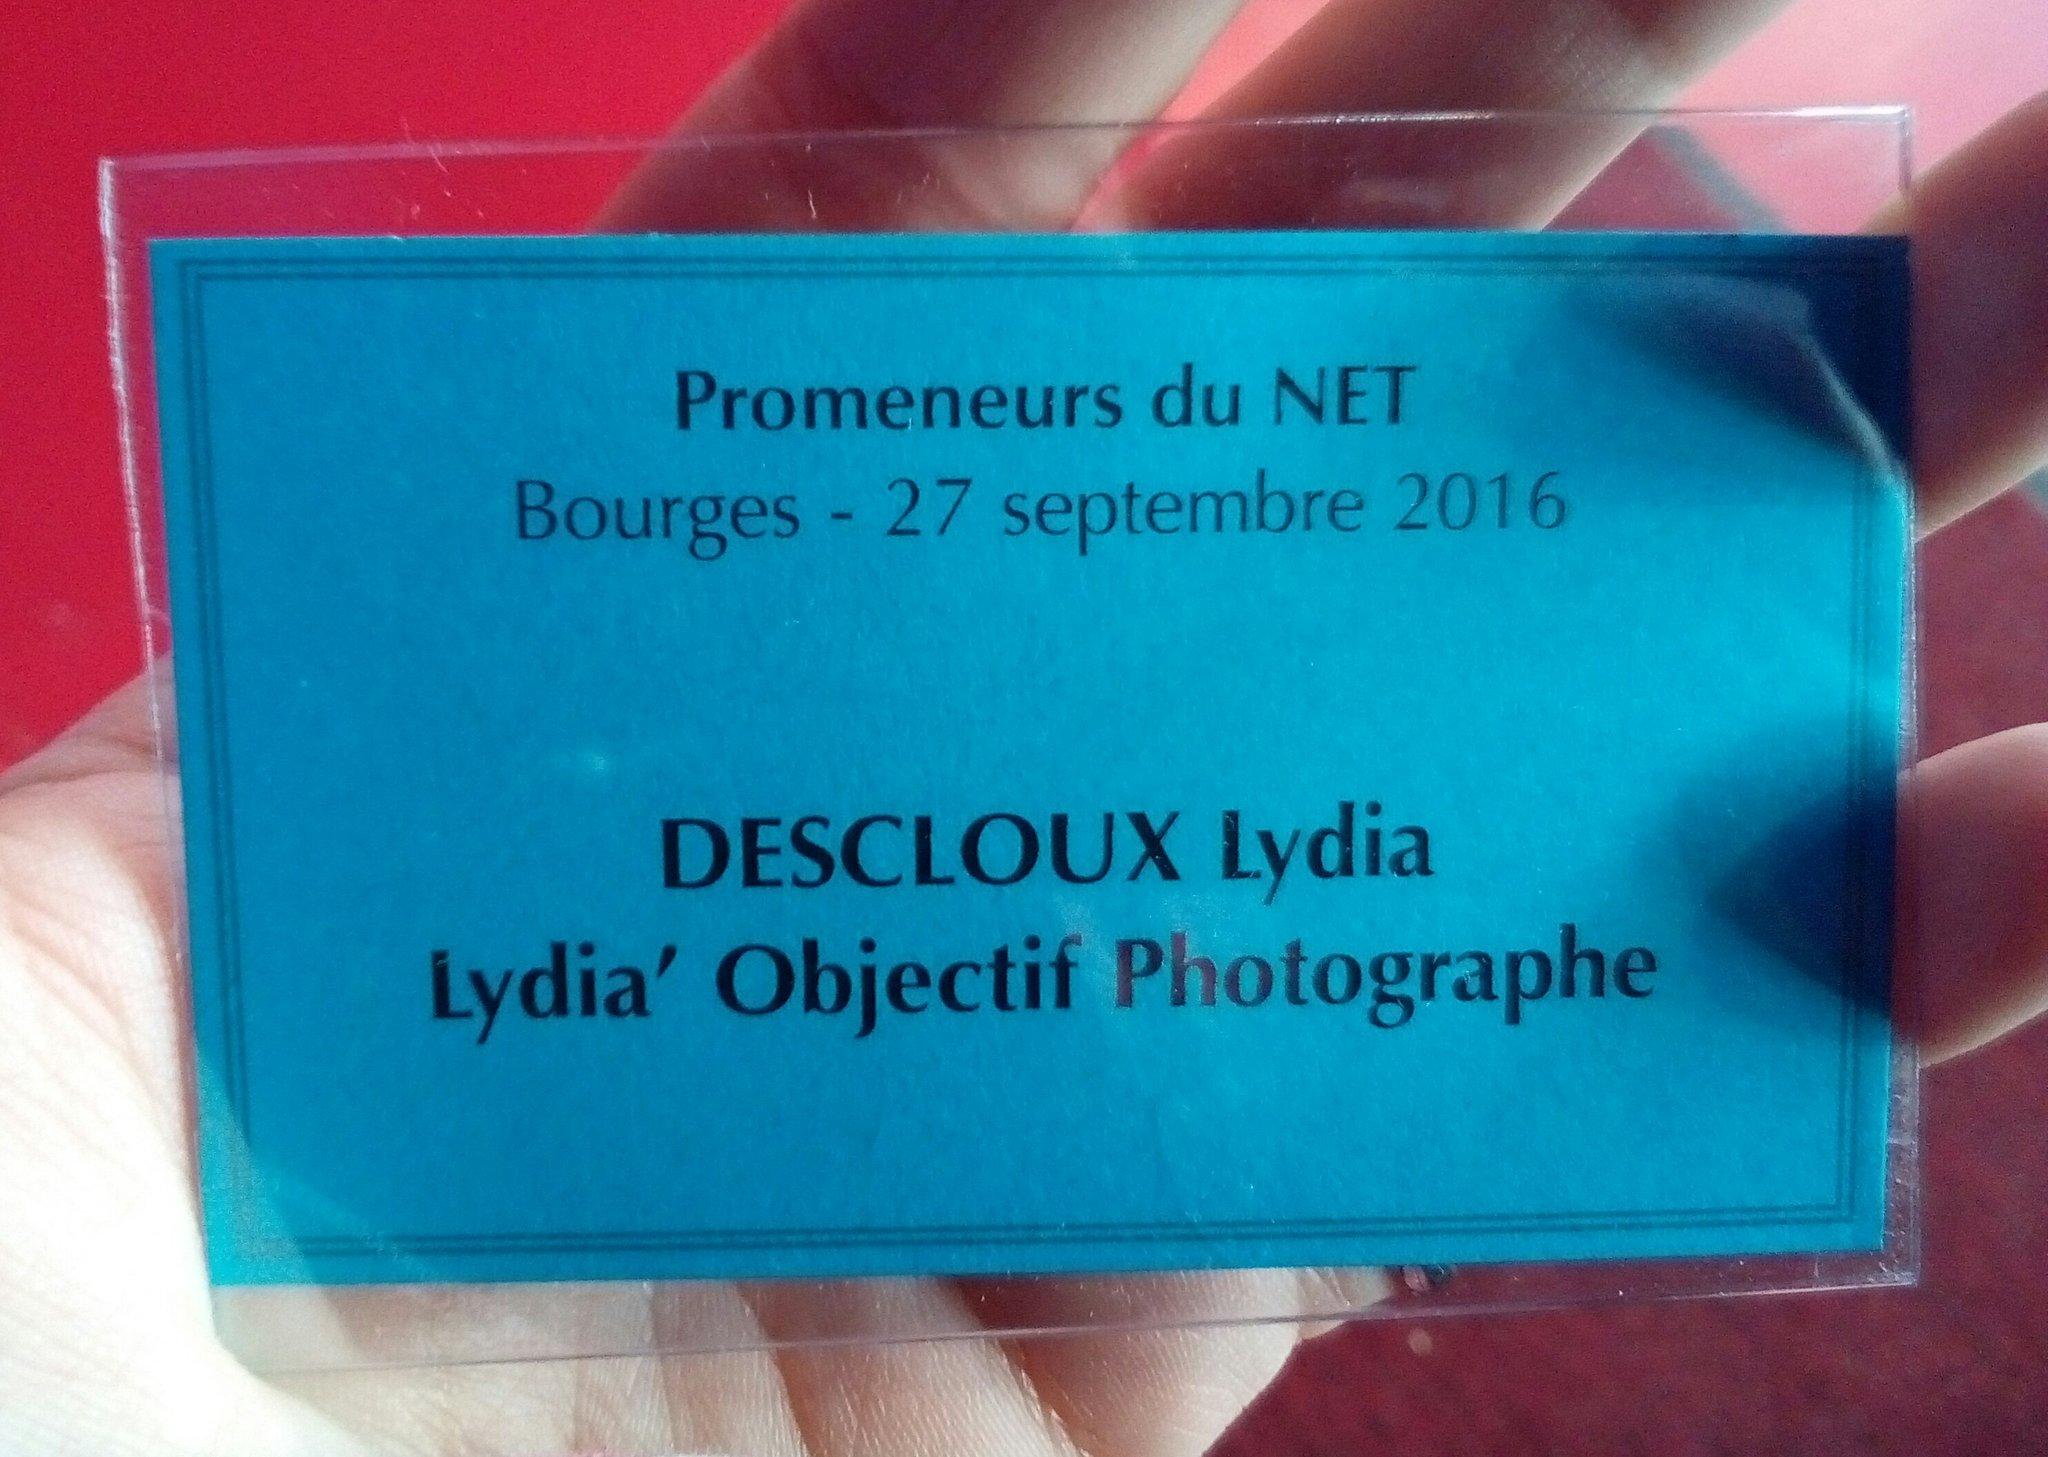 Aujourd'hui photographe pour les Promeneurs du Net au palais d'auron à Bourges . #Bourges #PromeneursDuNet https://t.co/jNd48AZ4Xf